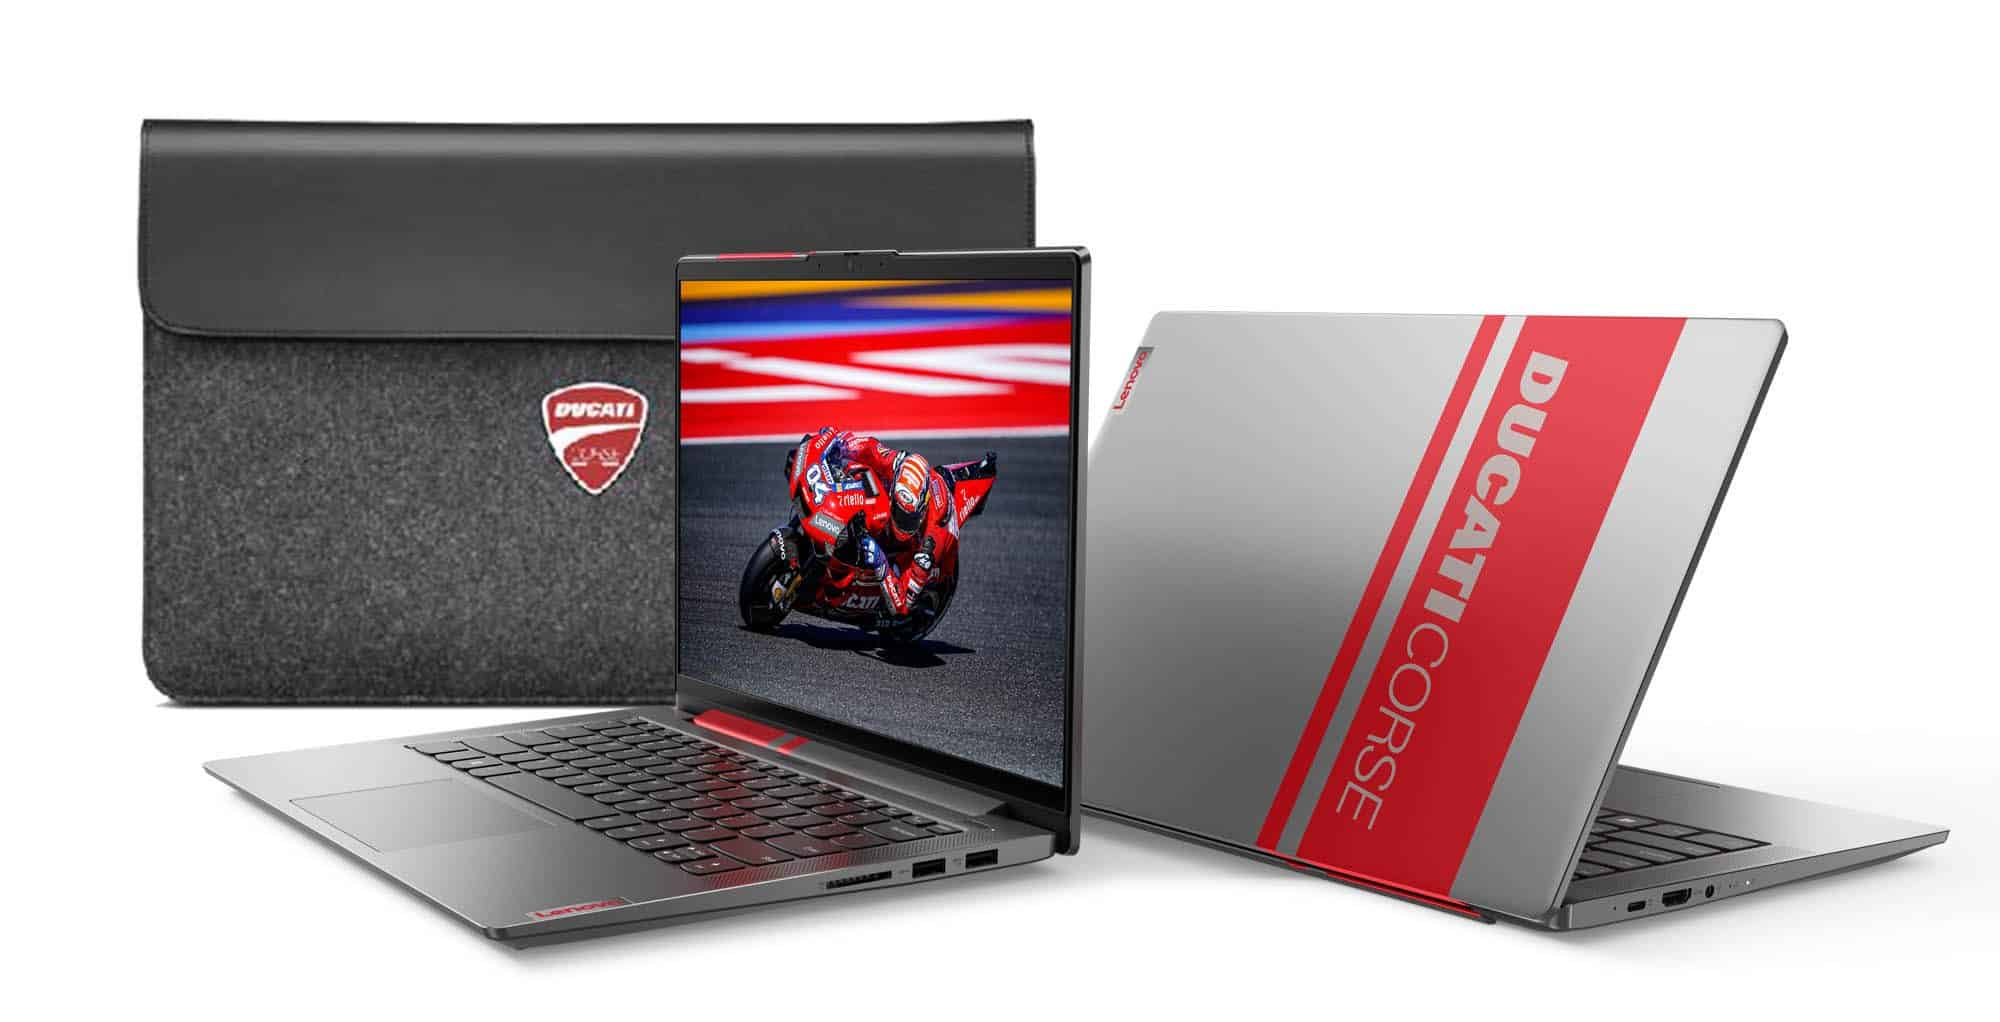 Notebook da Ducati